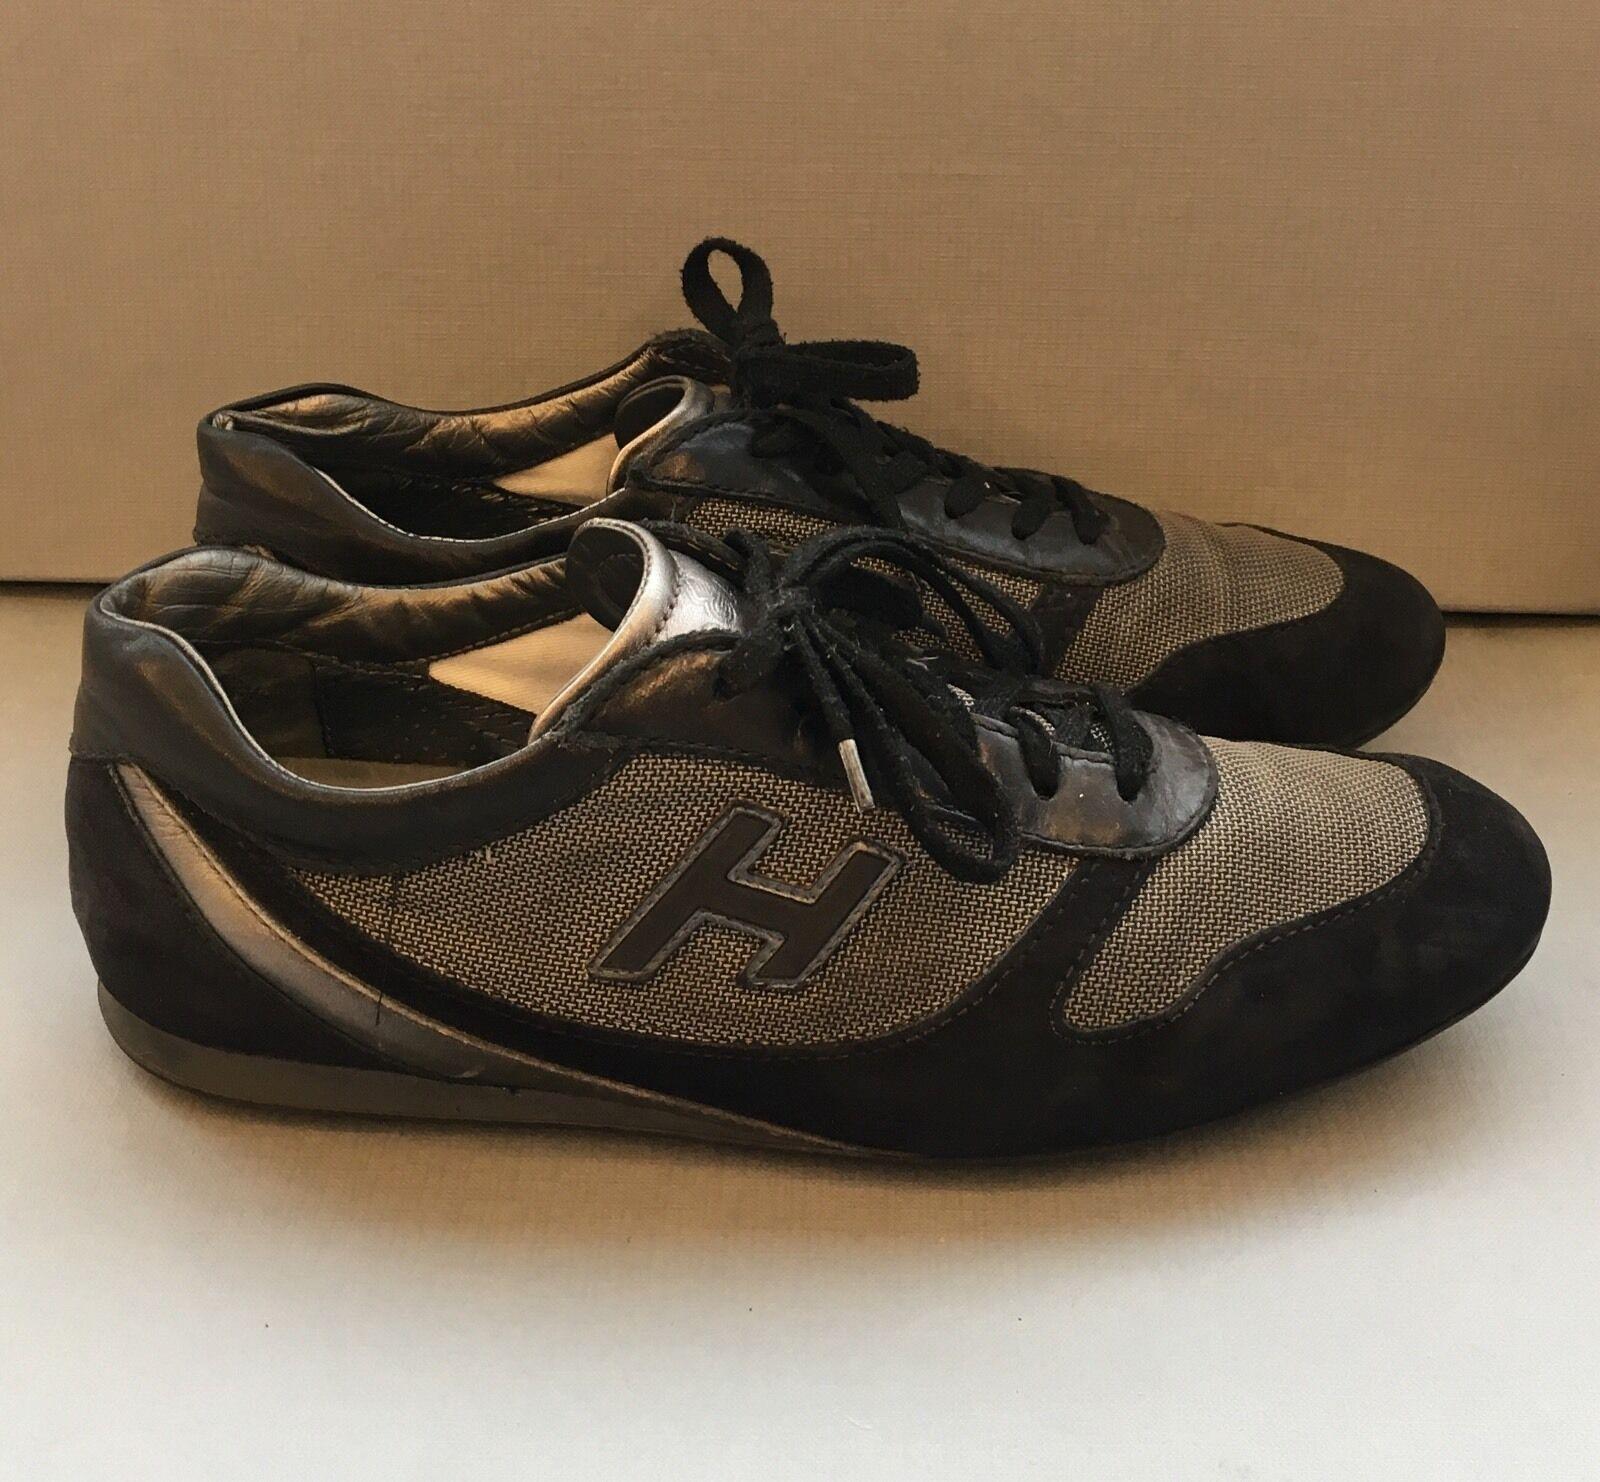 Hogan Gamuza Para Hombre Negro Zapatillas en con inserciones de Tela de alta tecnología Talla 8UK